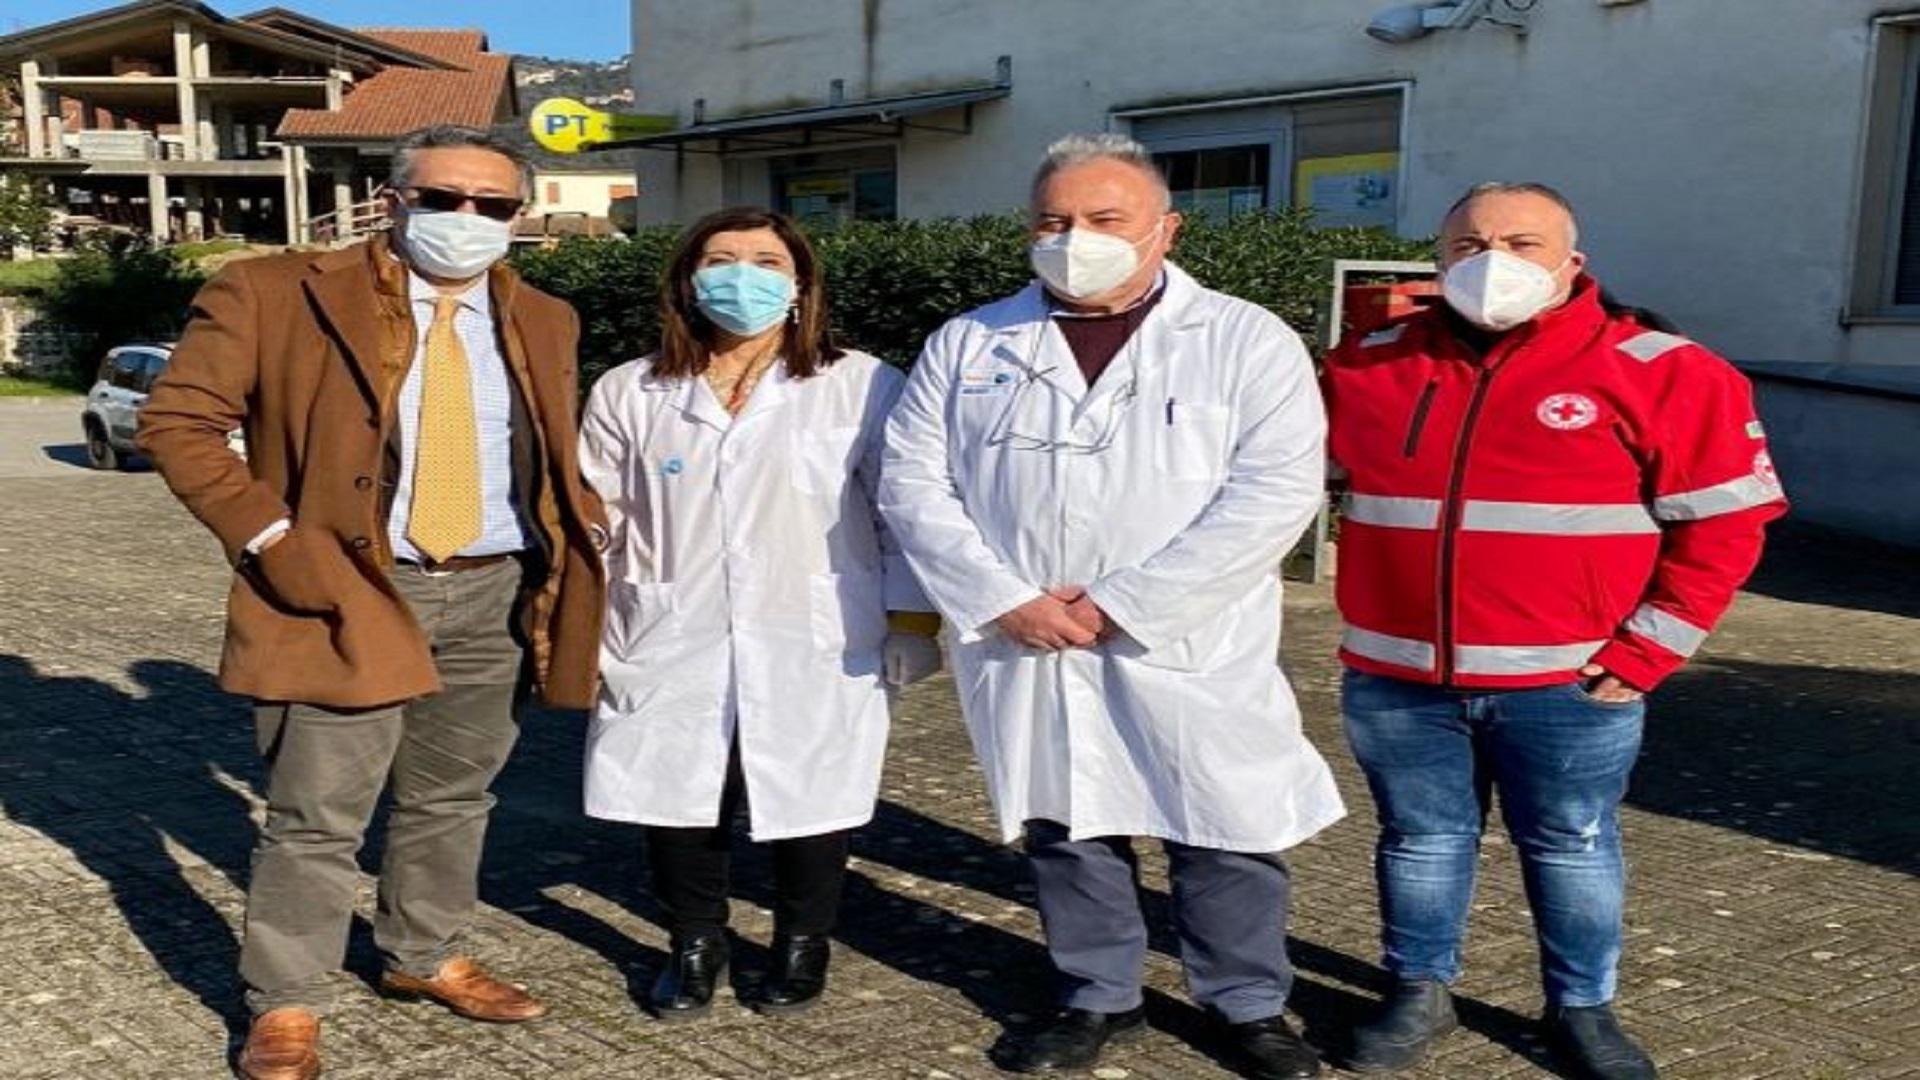 Vincenzo-Patella-Annamaria-Nobile-Fanco-Cennamo-Giuliano-DAngelo-606x480